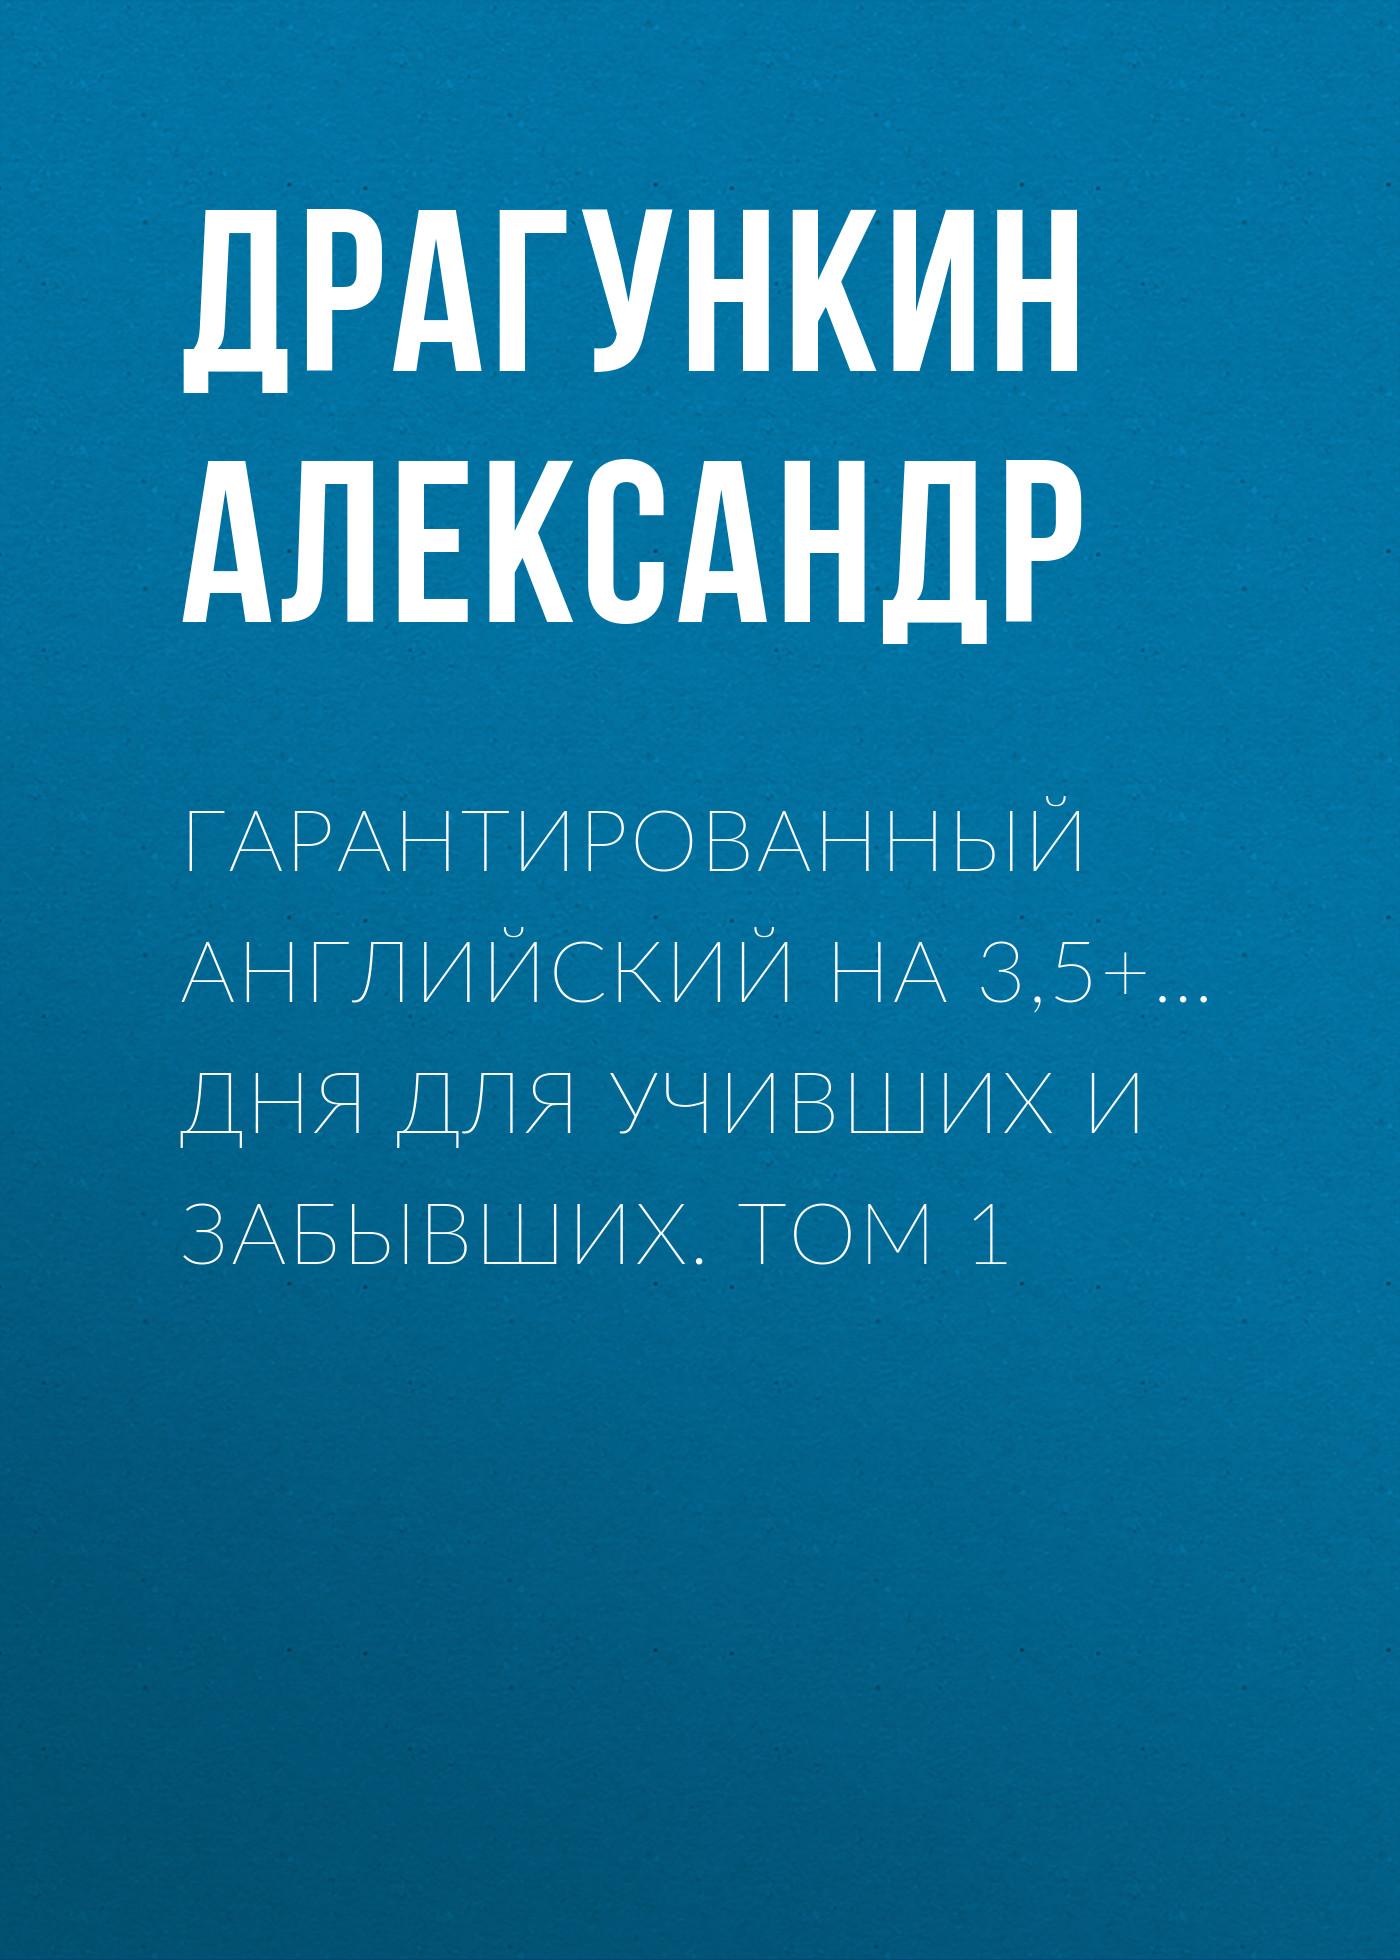 Александр Драгункин Гарантированный английский на 3,5+… дня для учивших и забывших. Том 1 английский за 42 дня